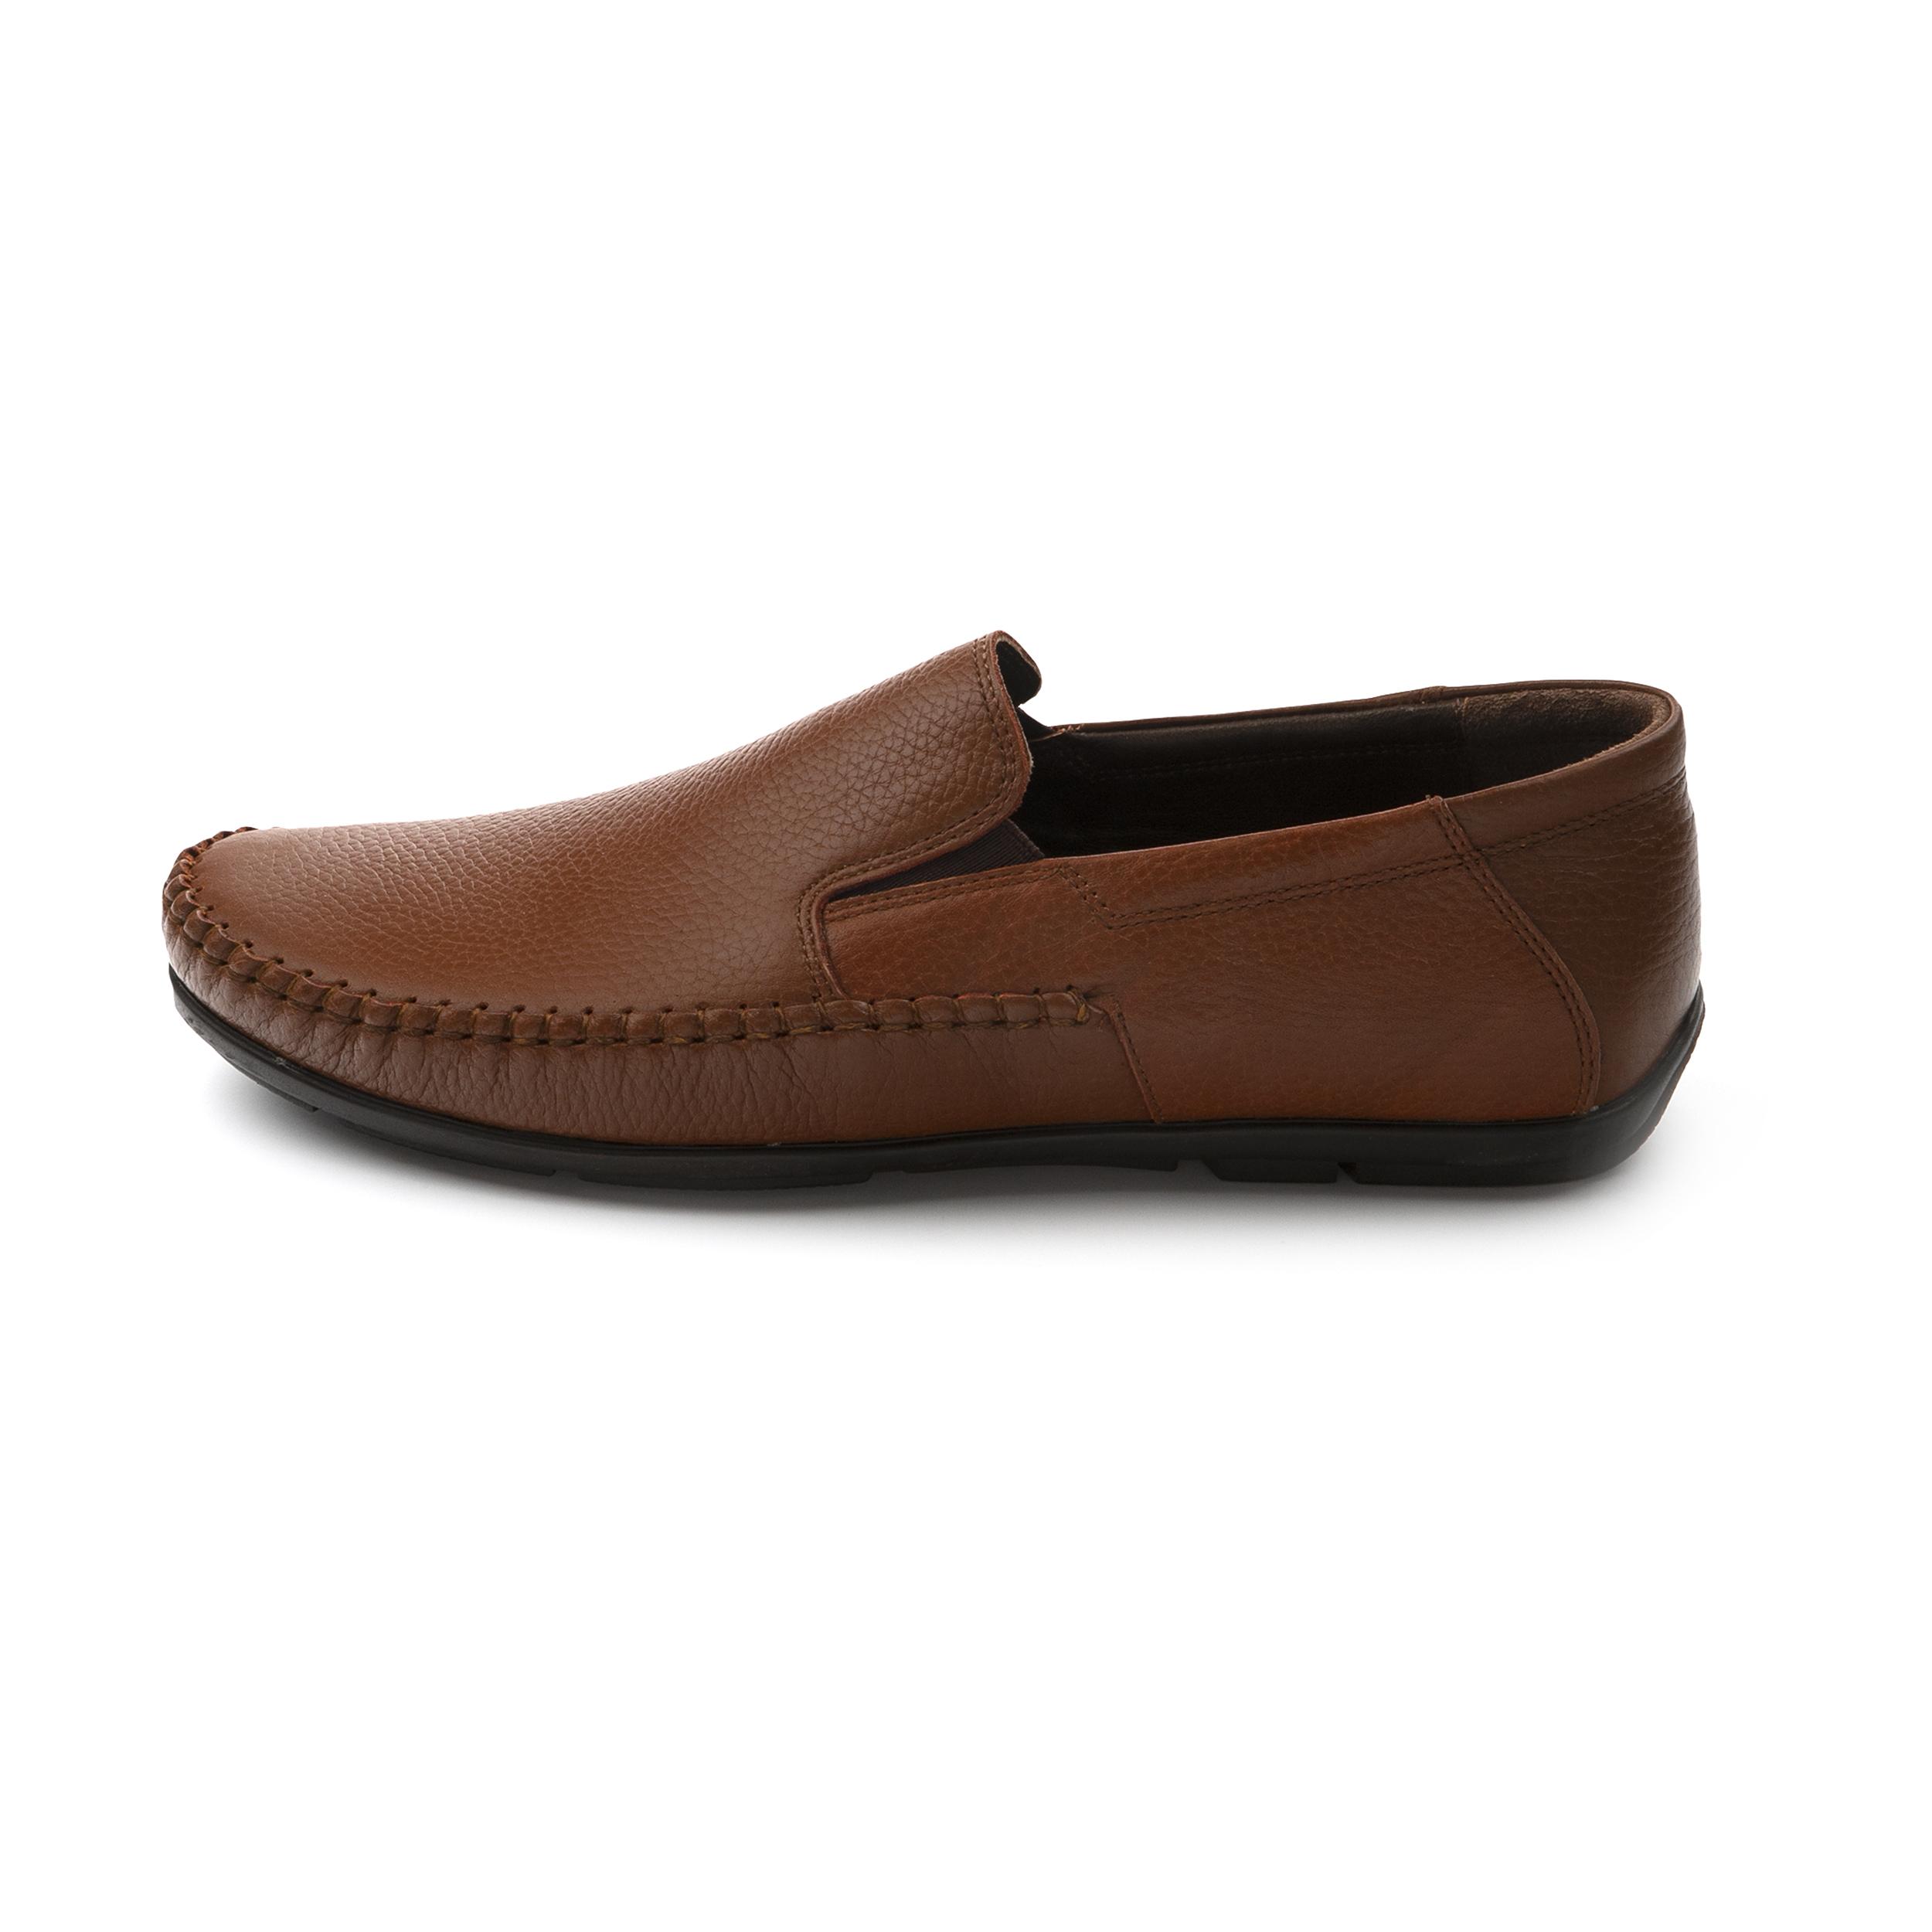 کفش روزمره مردانه شیفر مدل 7306b503136136